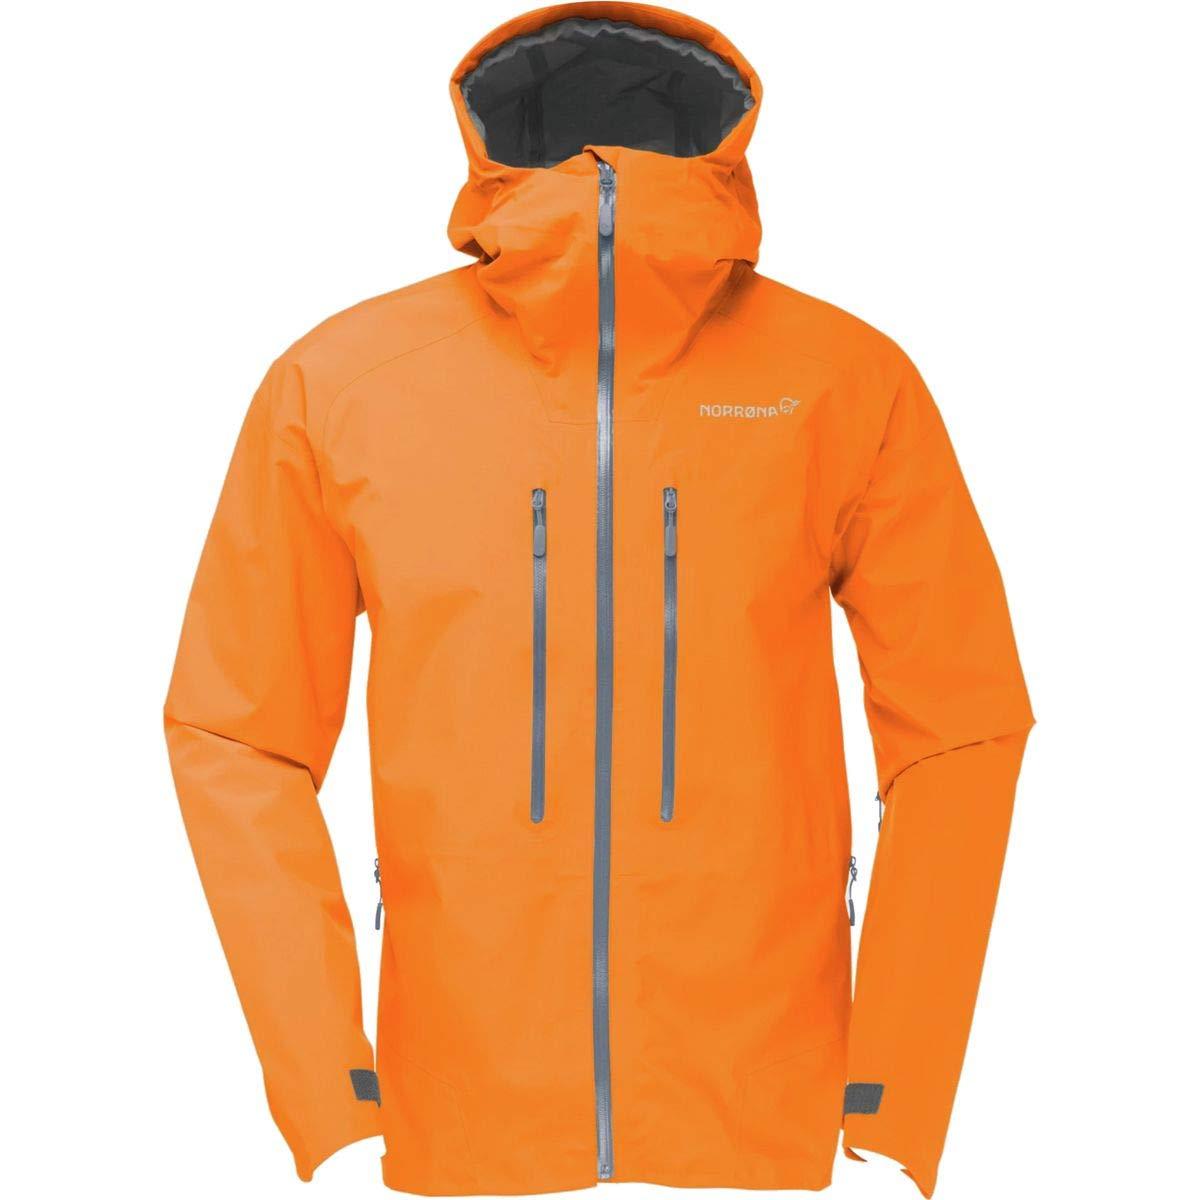 [ノローナ] メンズ ジャケット S&ブルゾン Trollveggen Pro Gore-Tex Light メンズ Pro Jacket [並行輸入品] B07QRRR1ZD S, タオルショップ ブルーム:40816aad --- gallery-rugdoll.com